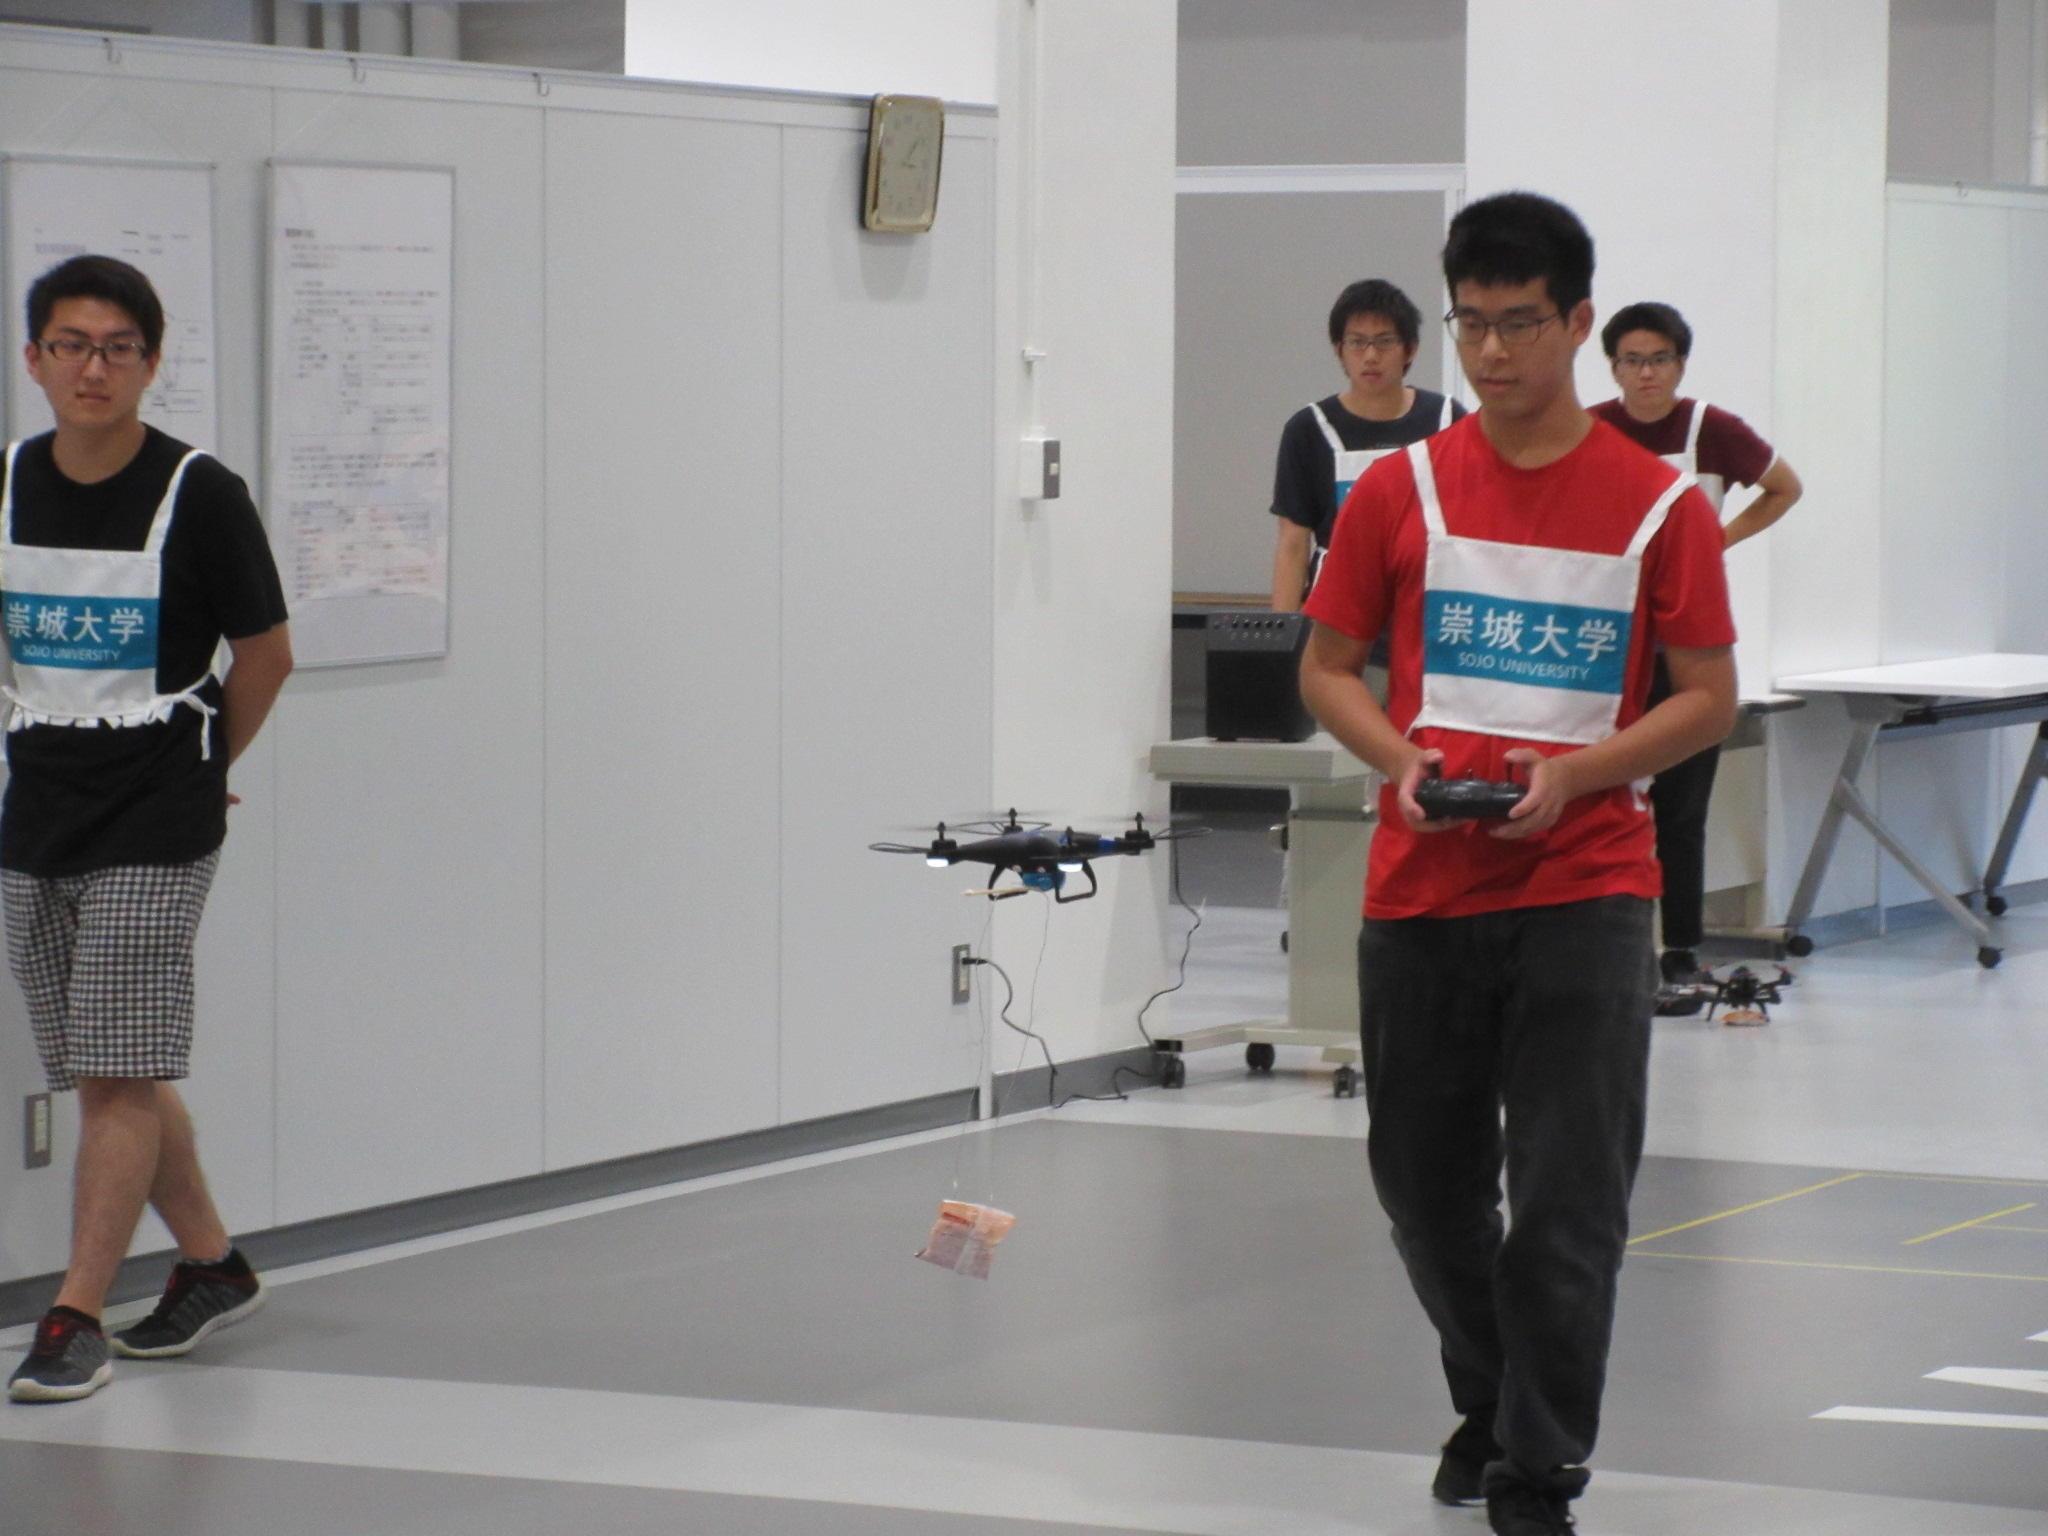 崇城大学が8月9日に「第3回崇城ドローン・コンテスト&操縦教室」を開催 -- 救援物資を目的地点に投下する想定で競技を実施、工夫を凝らしたドローンで優勝を目指す